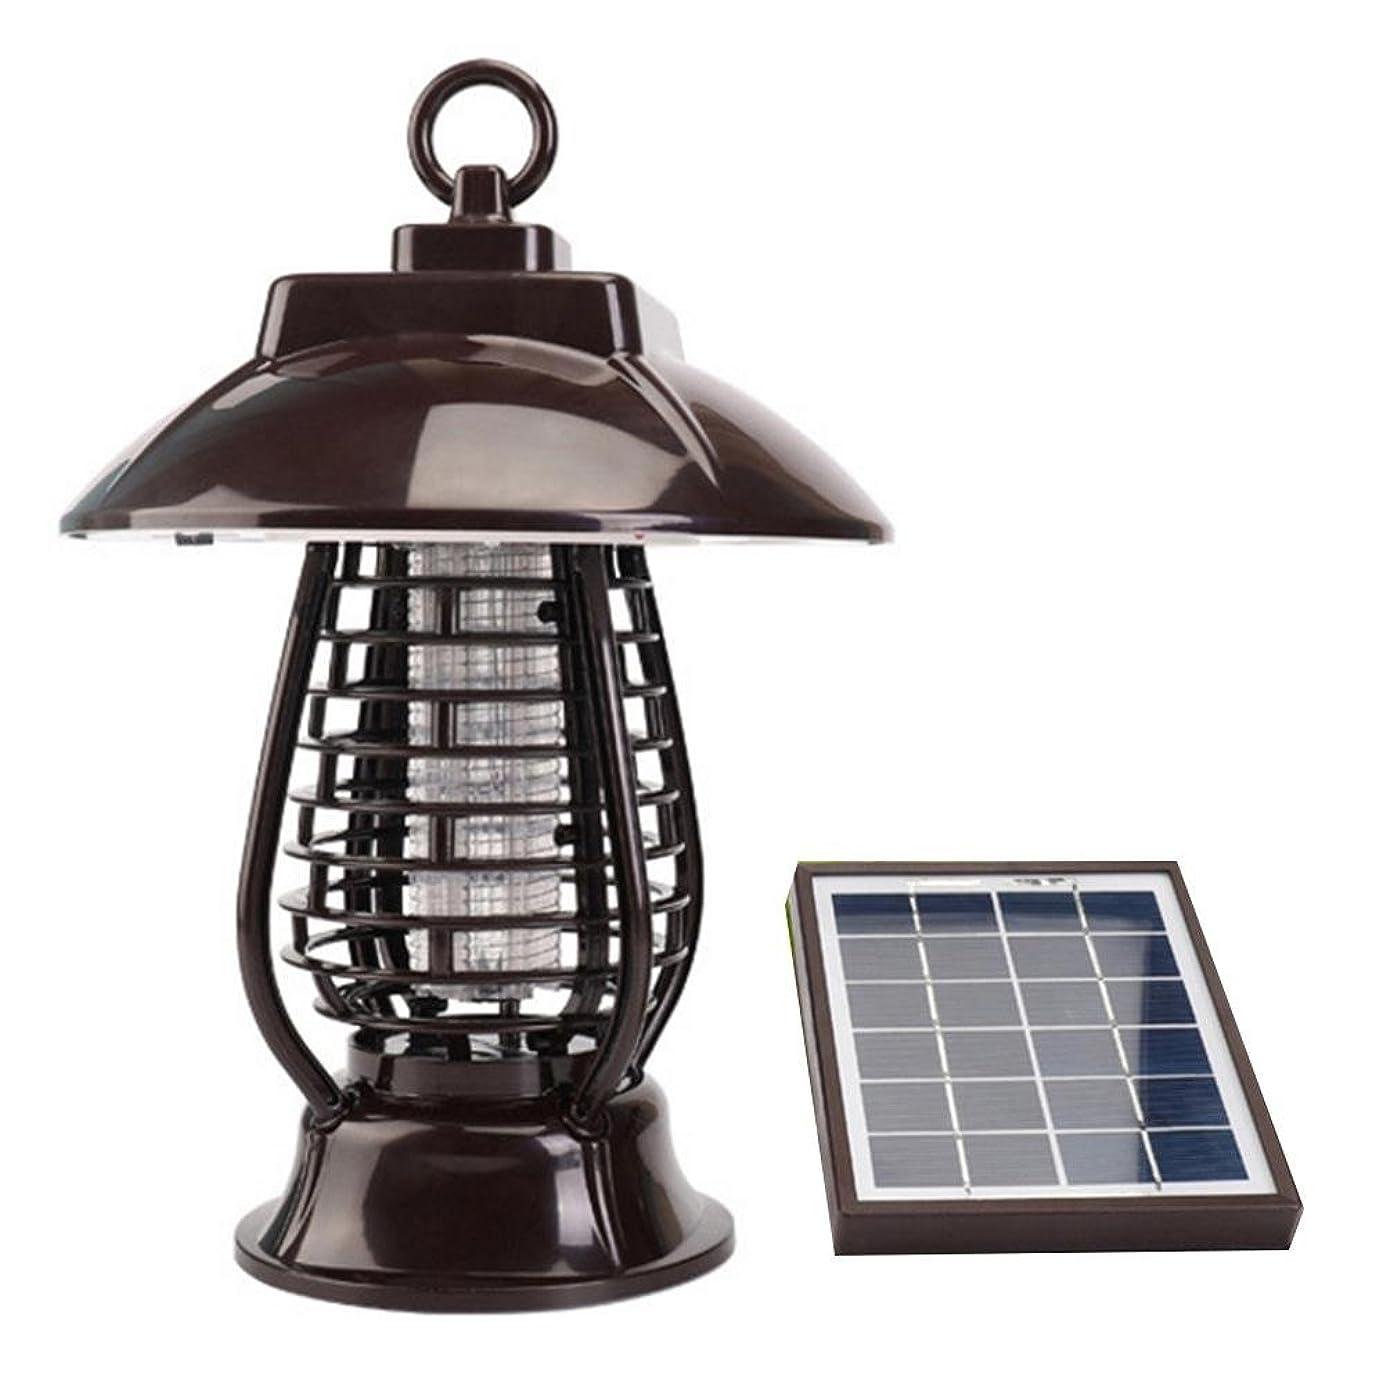 競争偽装する悪魔カのキラーランプ 屋外の蚊キラー 太陽エネルギー USB充電 LEDランプビーズ 防風 360度防水 自動充電 自動点灯 照明 殺害蚊 昆虫殺害 ガーデン用